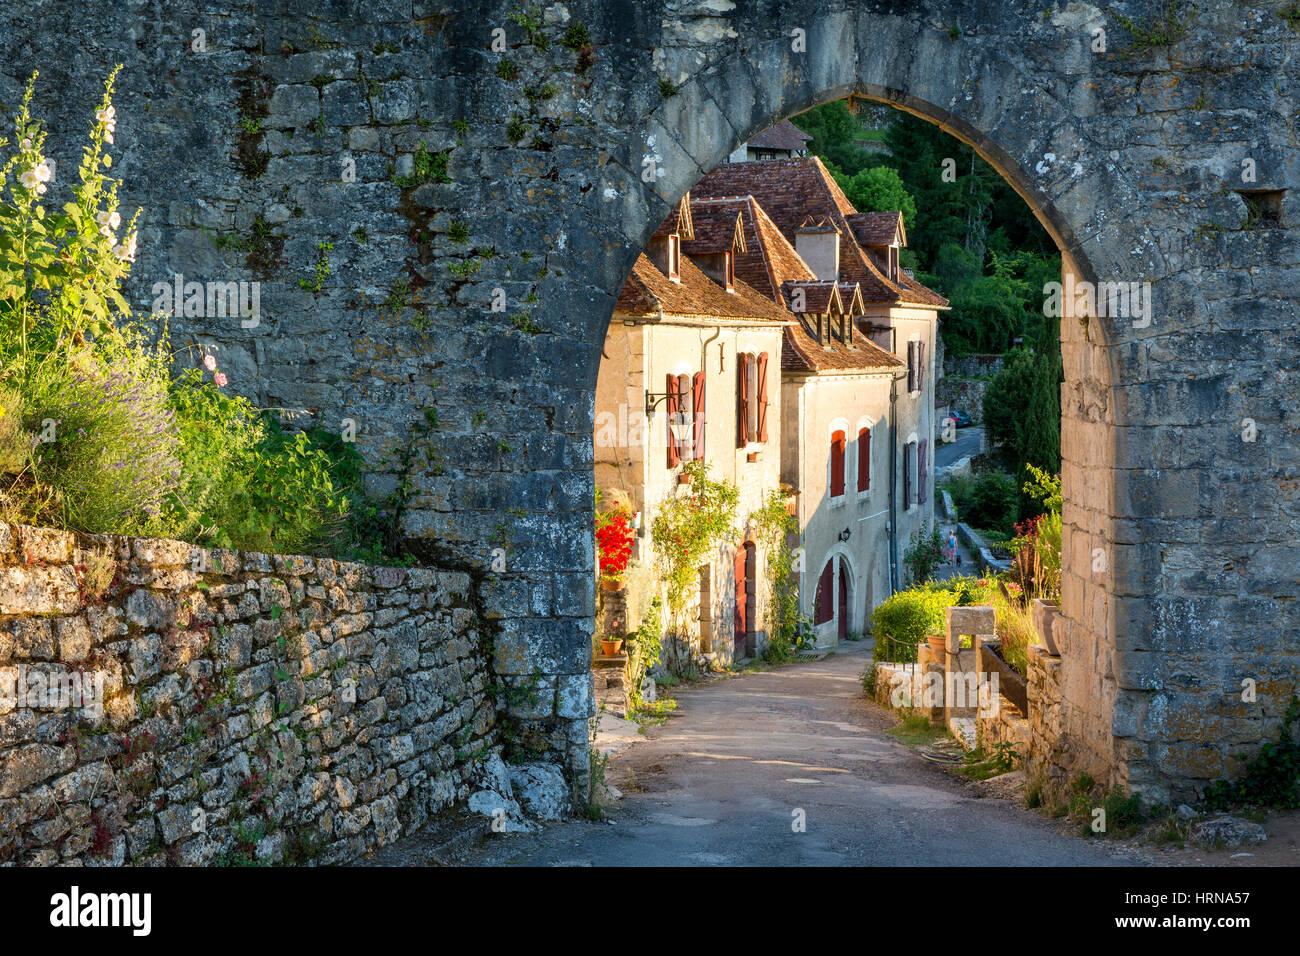 Einstellung Sonnenlicht auf Häuser am Eingangstor Saint-Cirq-Lapopie, Rocamadour, Royal, Frankreich Stockbild